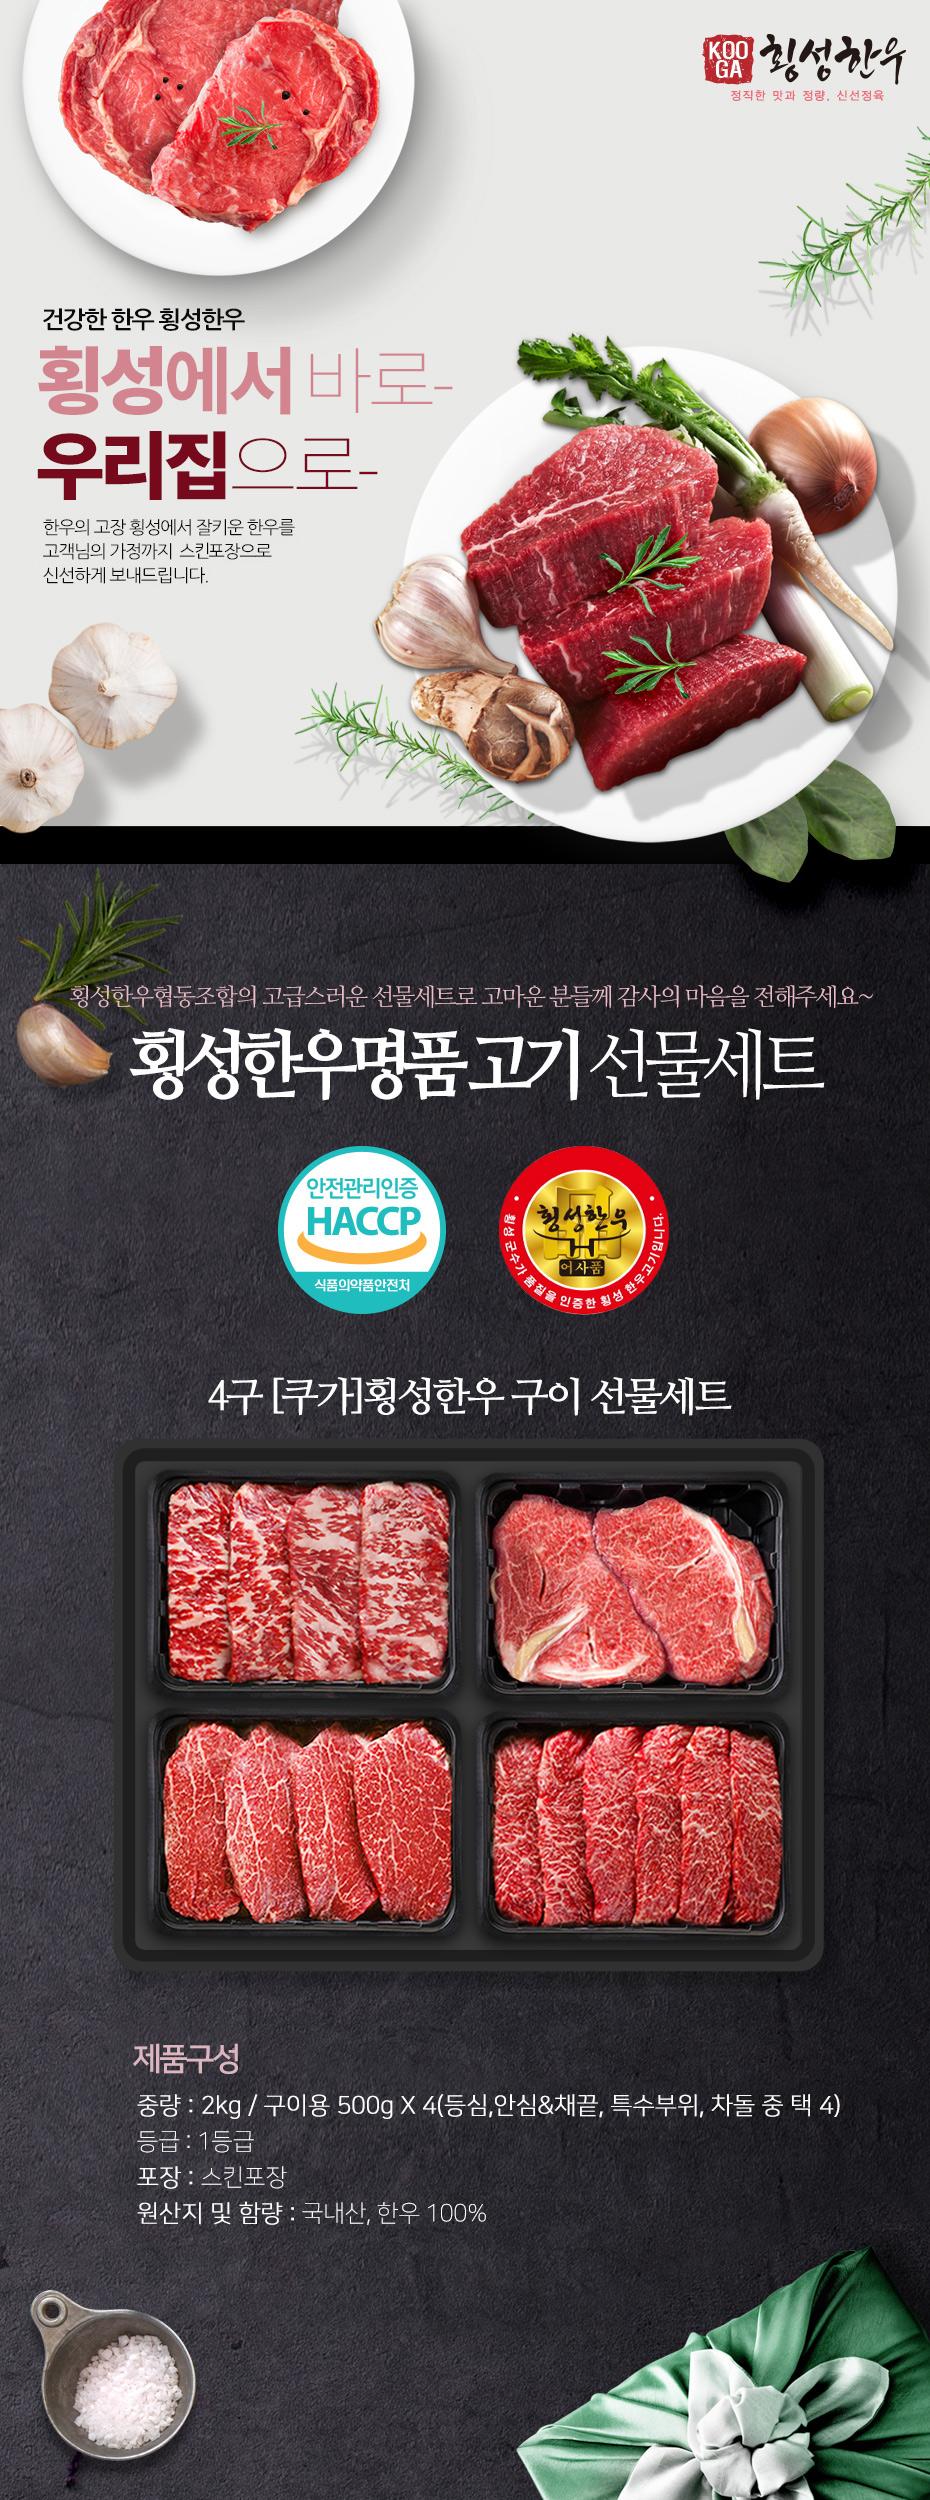 set4_meat_roasted_020114.jpg